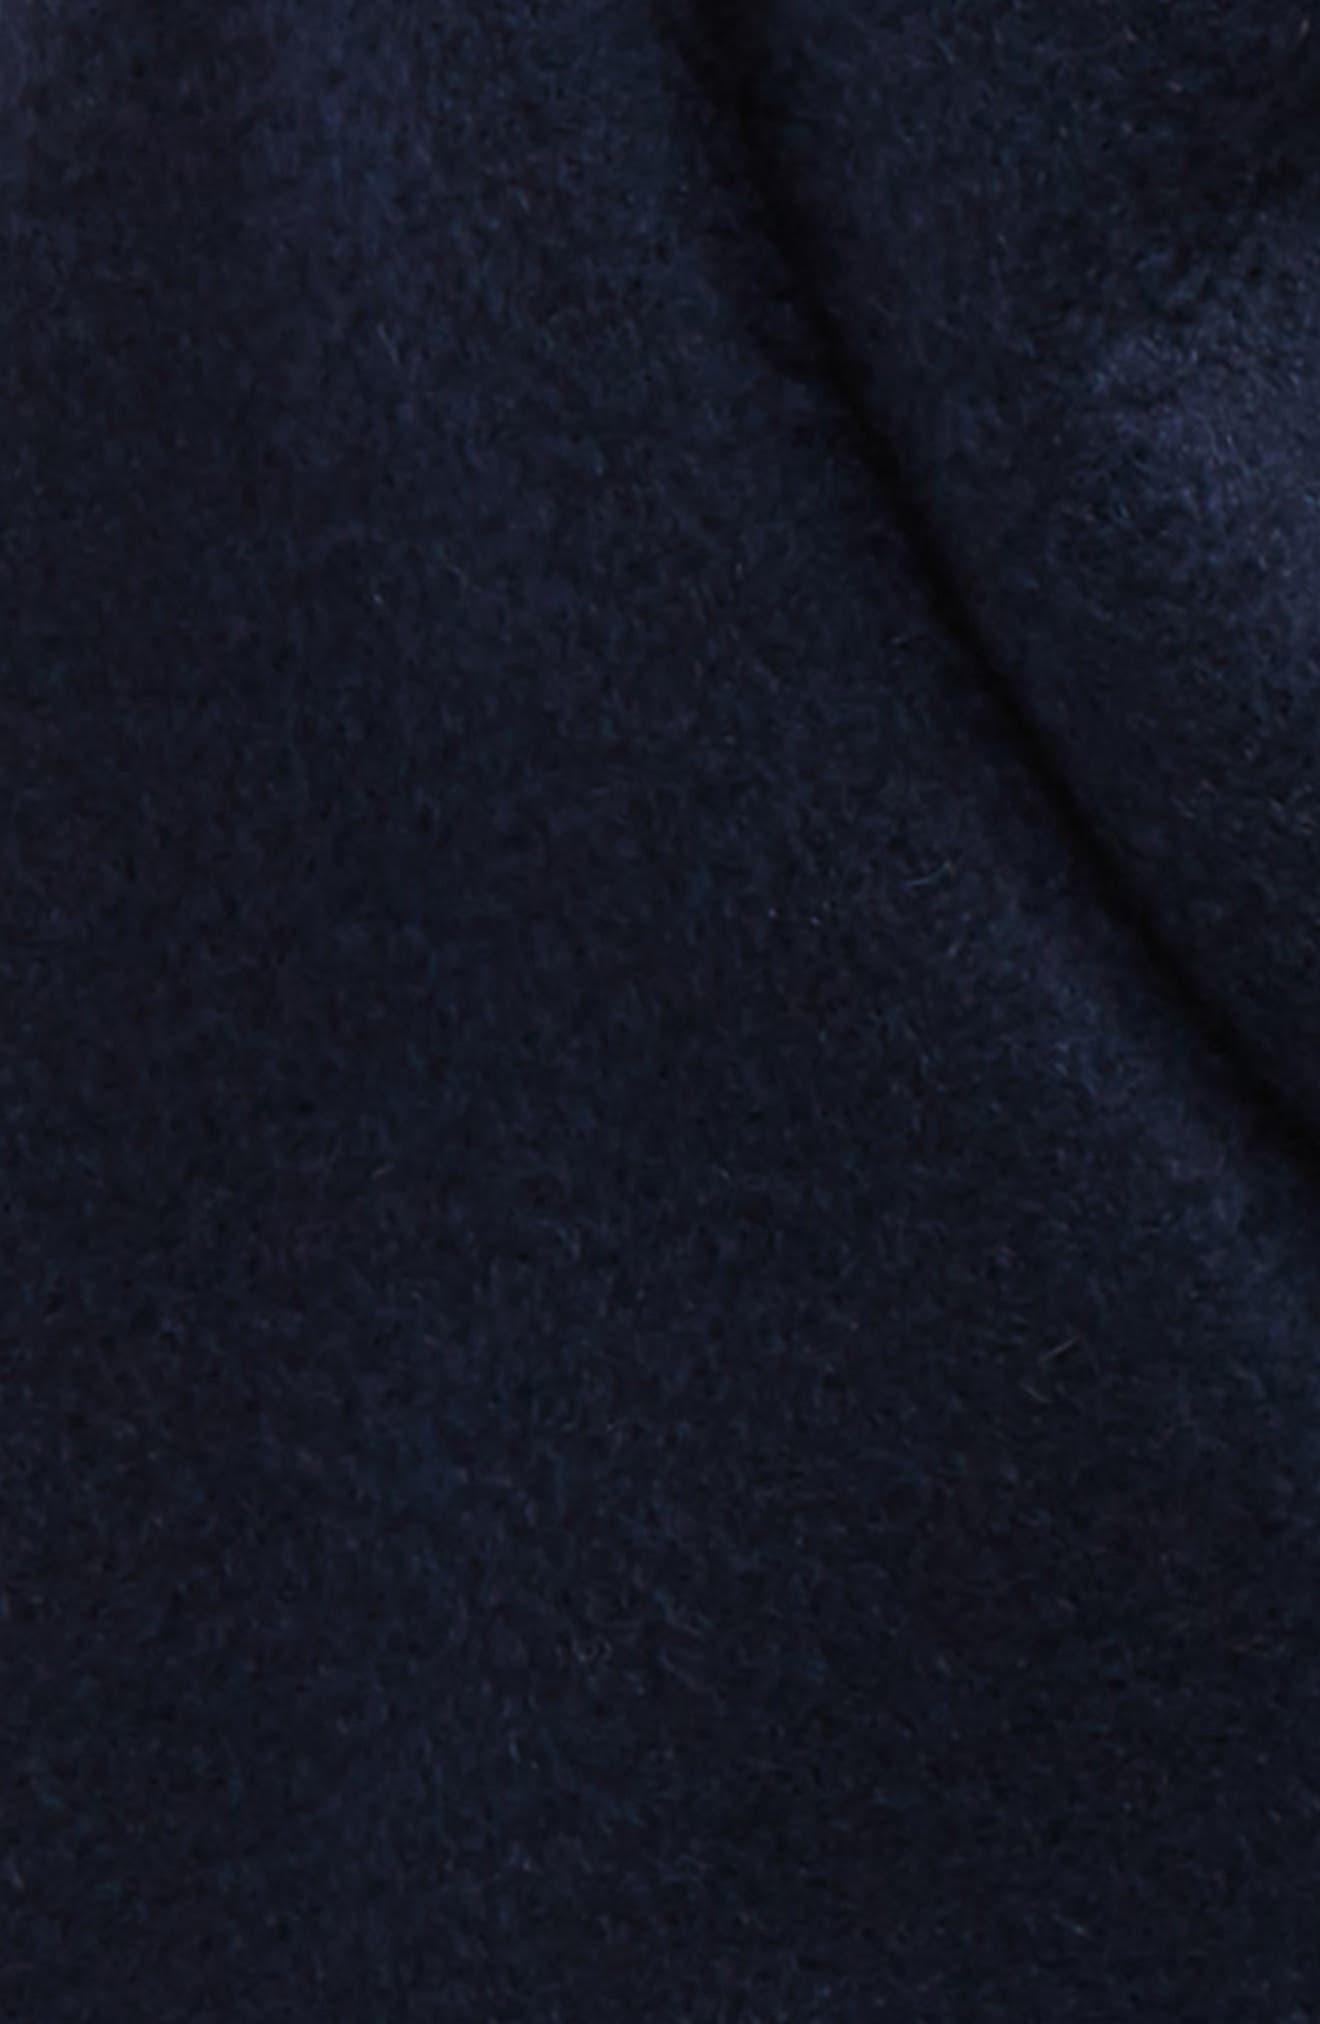 Cashmere Wrap Scarf,                             Alternate thumbnail 3, color,                             001